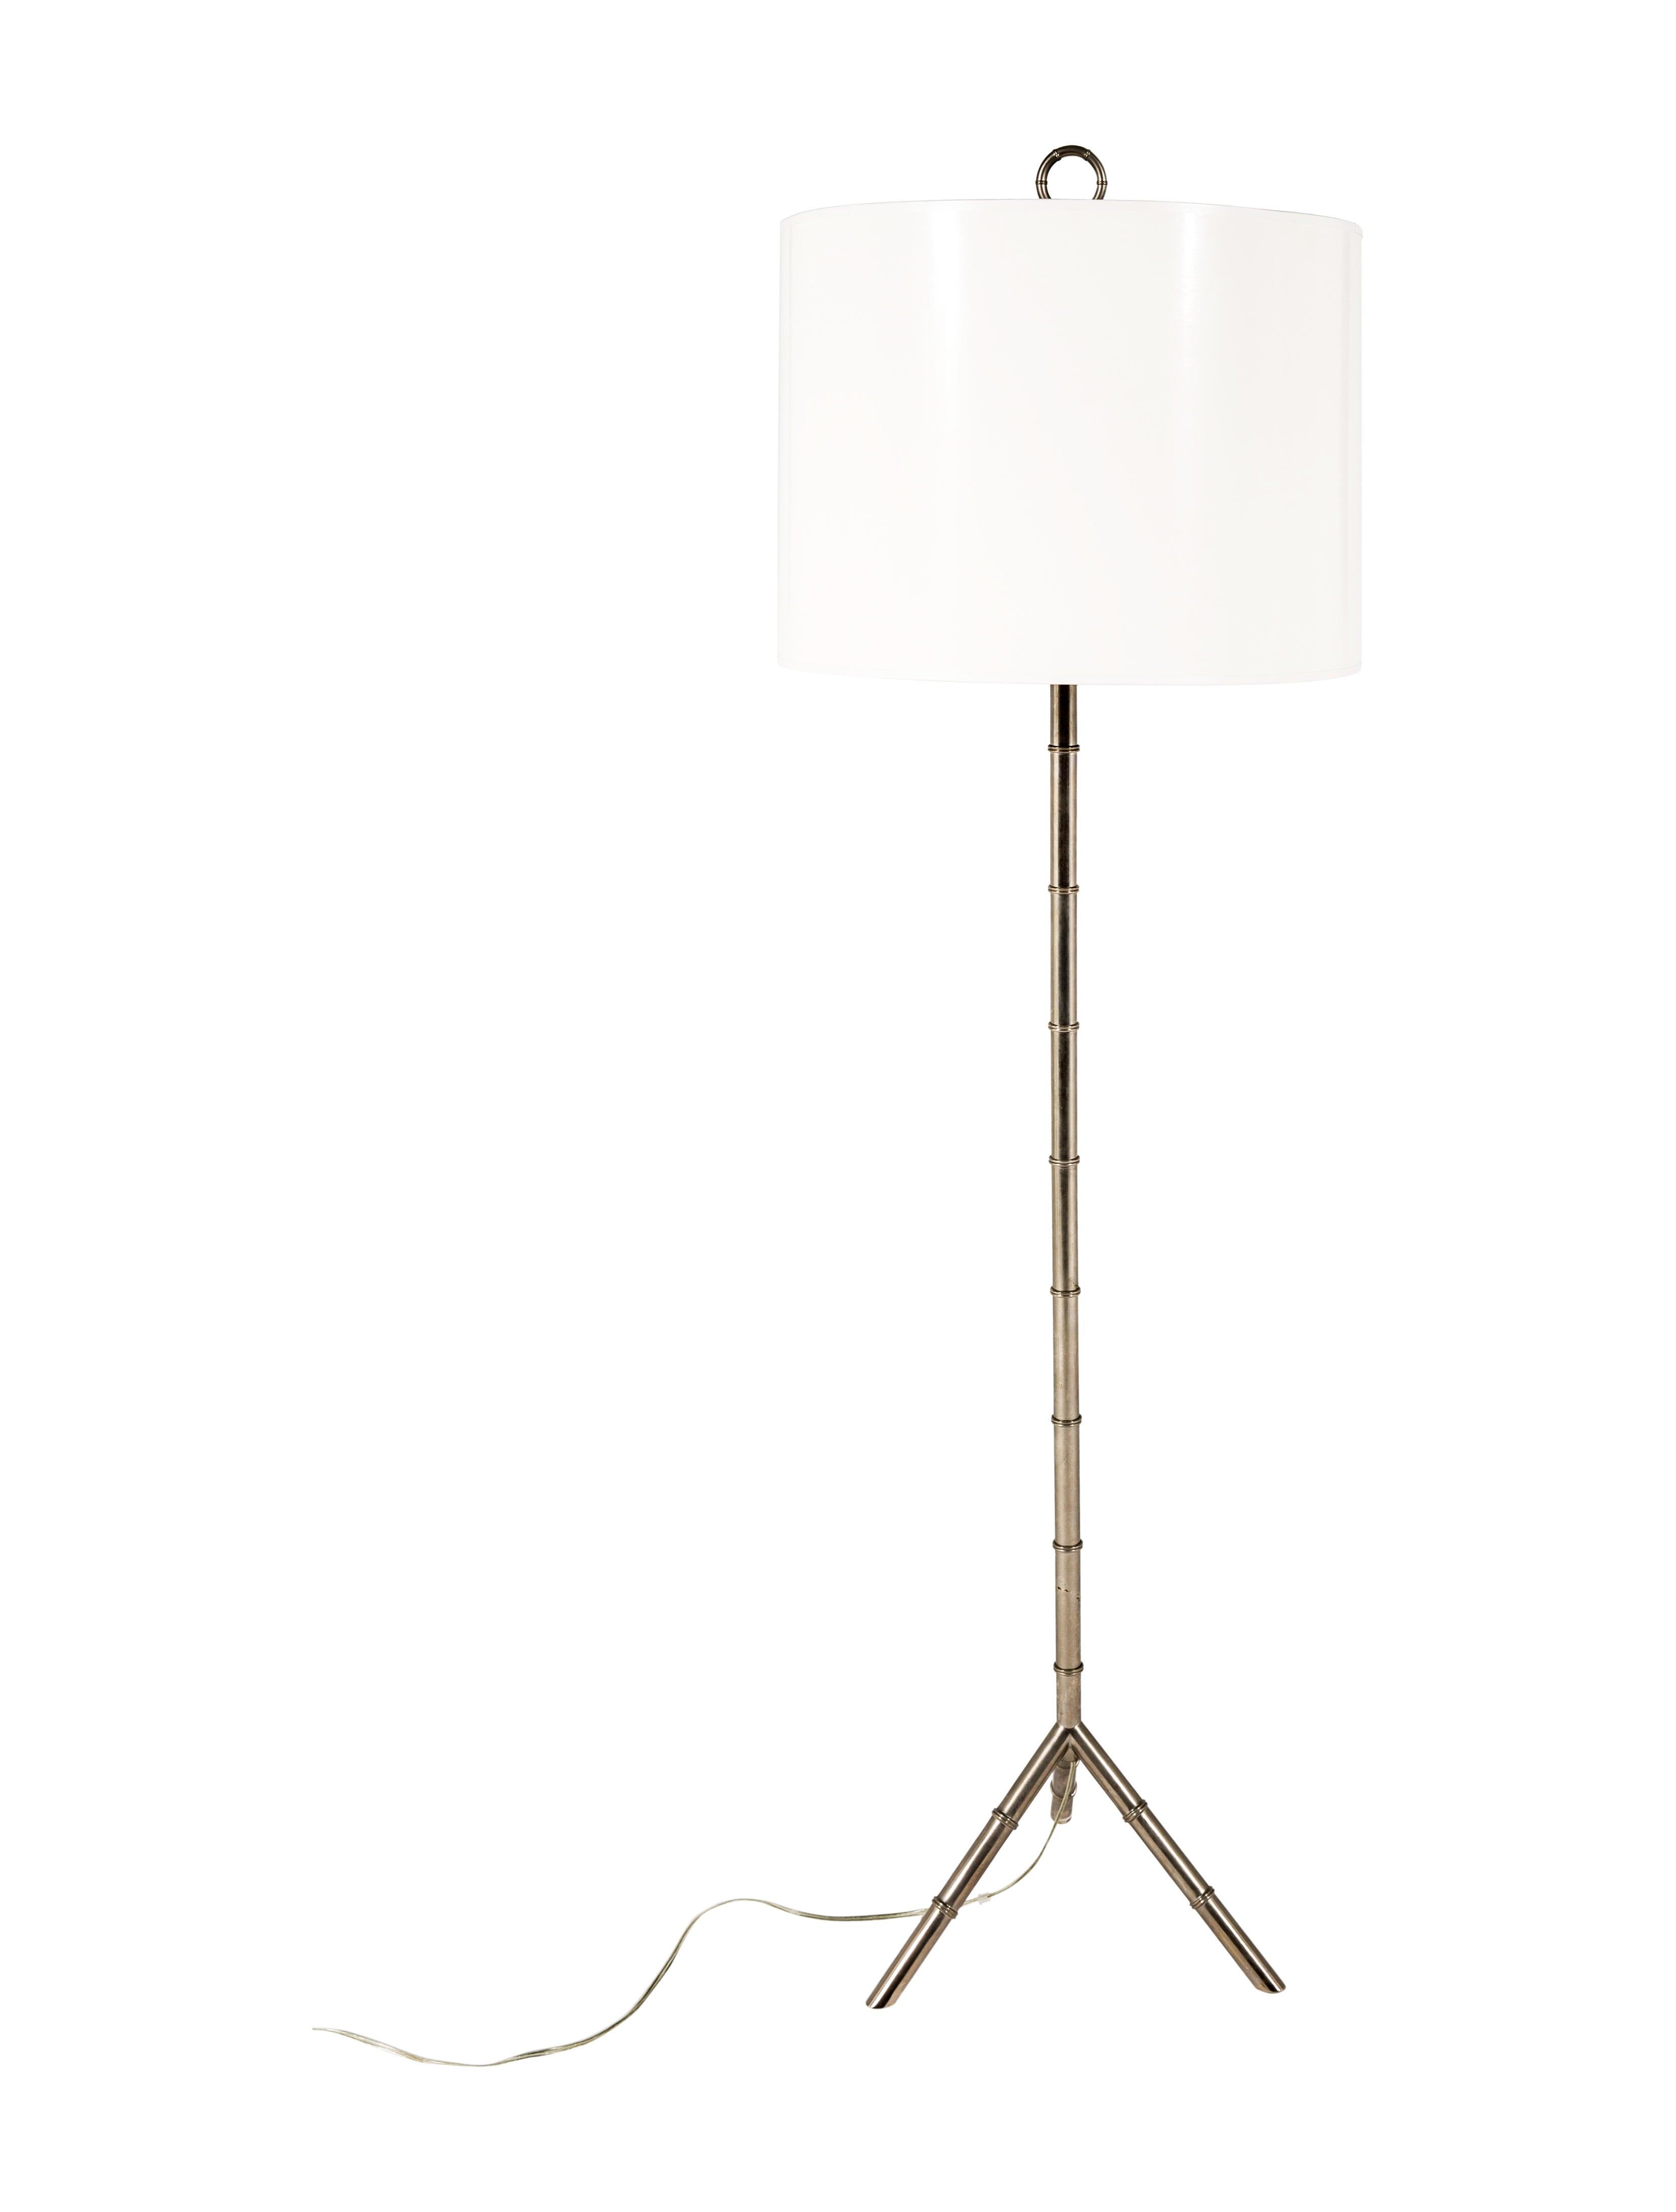 Jonathan Adler Meurice Floor Lamp Lighting Jtadl20947